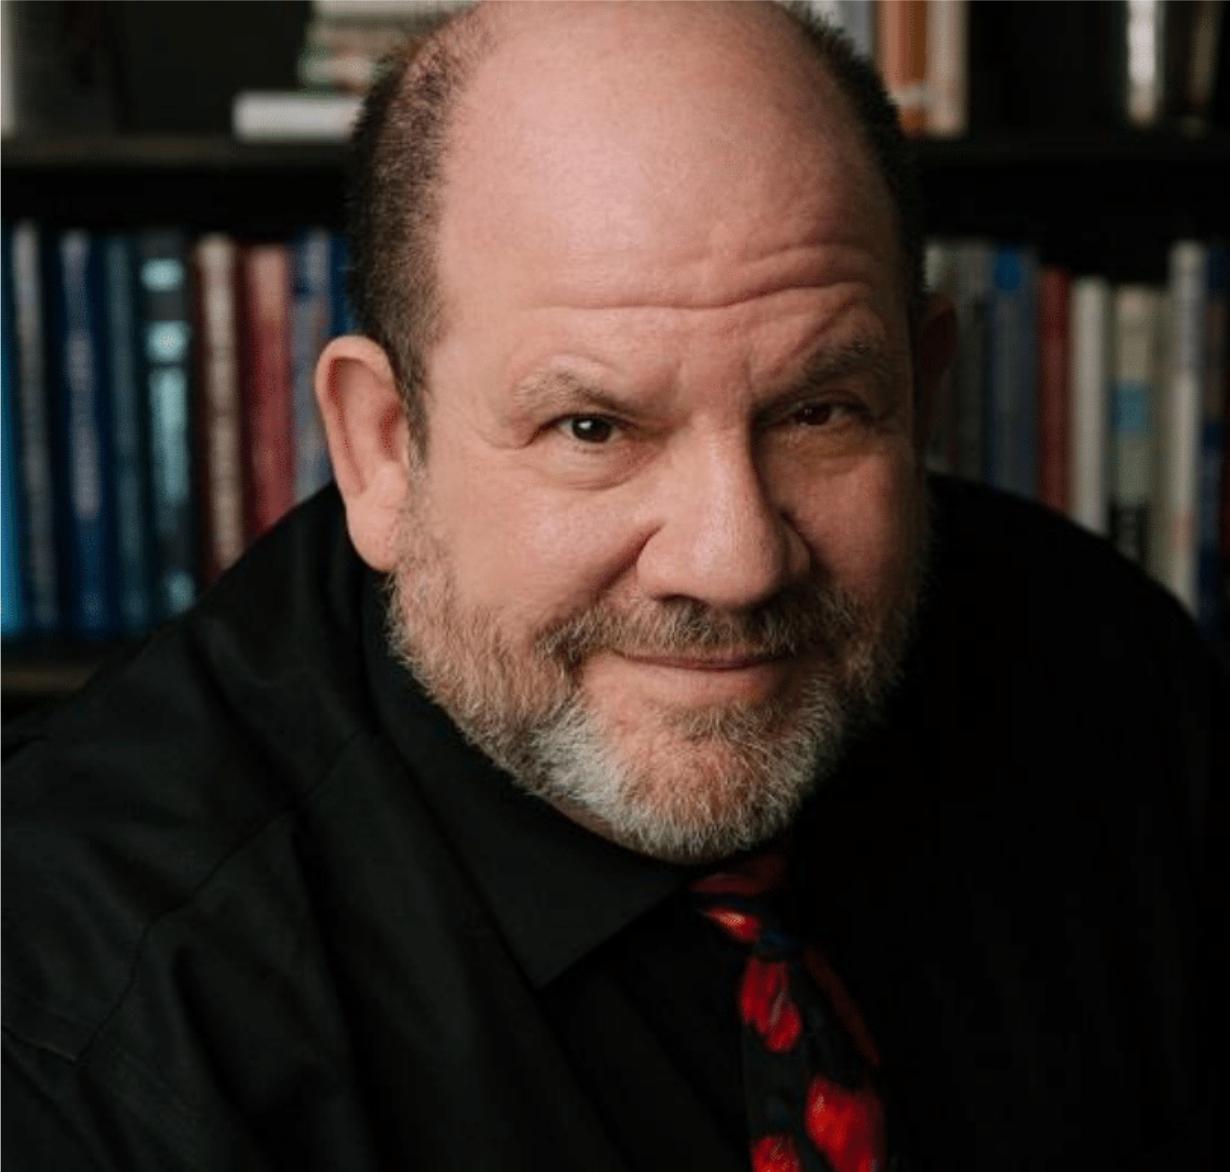 Dr. Stan Tatkin, PsyD., LMFT